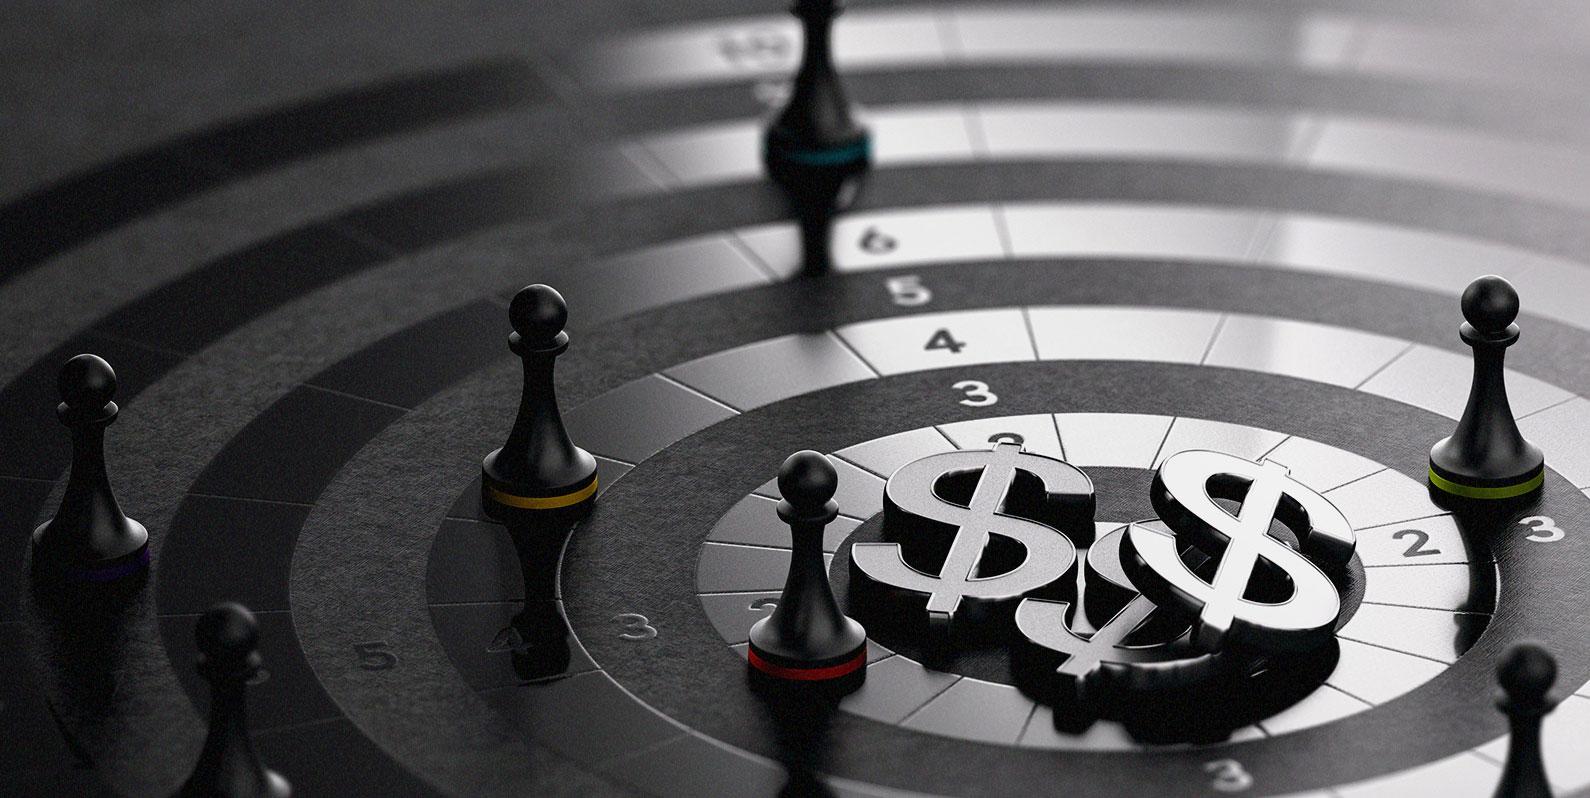 A batalha pelo e-commerce: conquistar territórios é um desafio que precisa ser superado